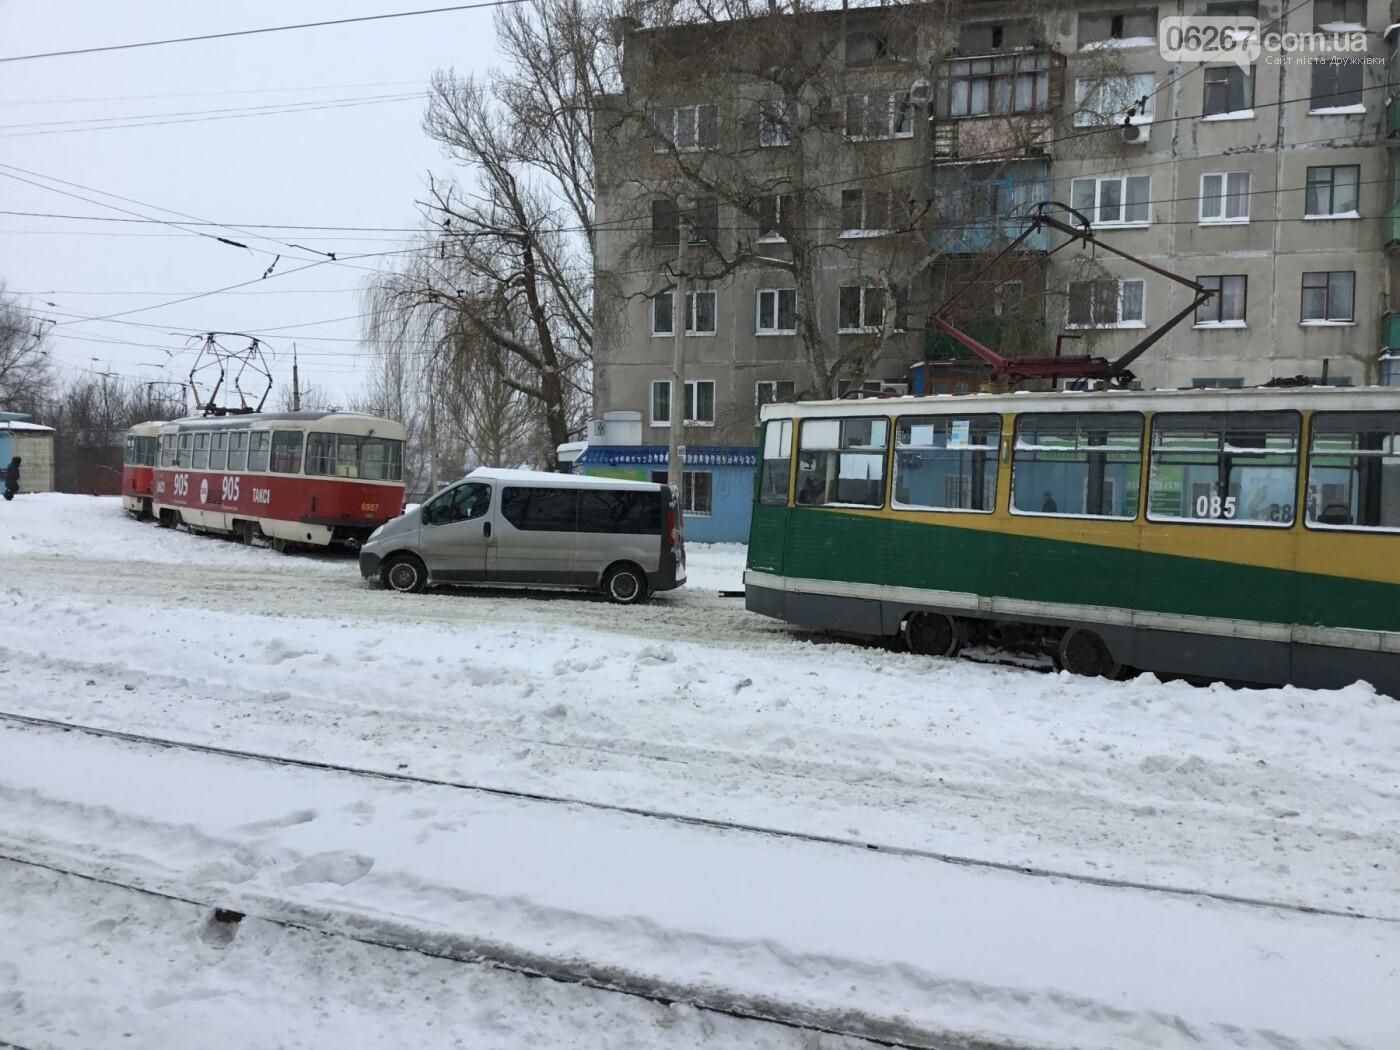 И о погоде: Сегодня в Дружковке в снежные капканы попали трамваи и бульдозеры (ФОТО, ВИДЕО), фото-1